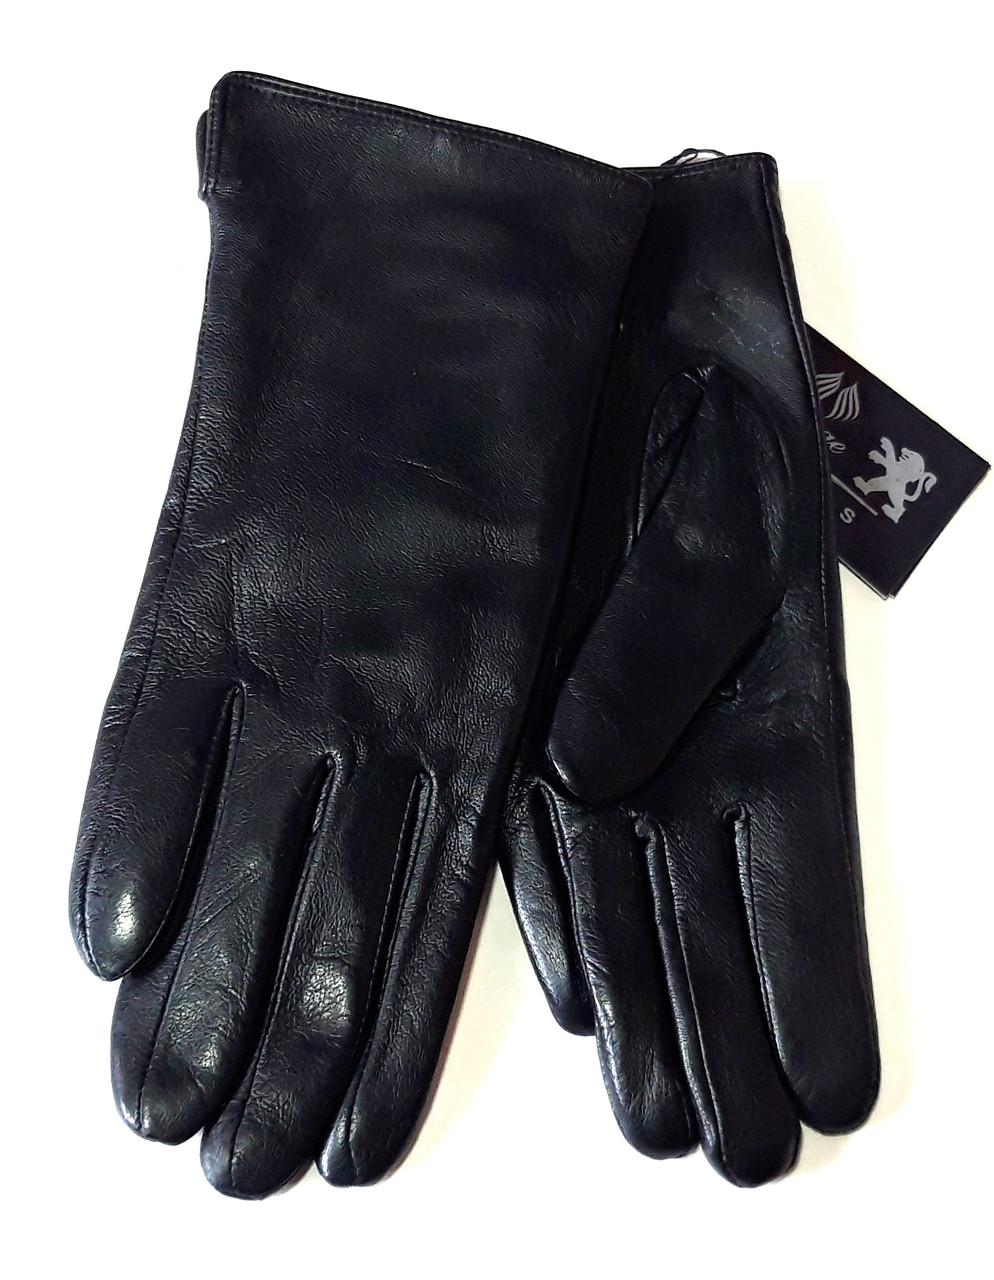 Кожаные женские перчатки, шерсть сетка (размеры 6,5-8,5)